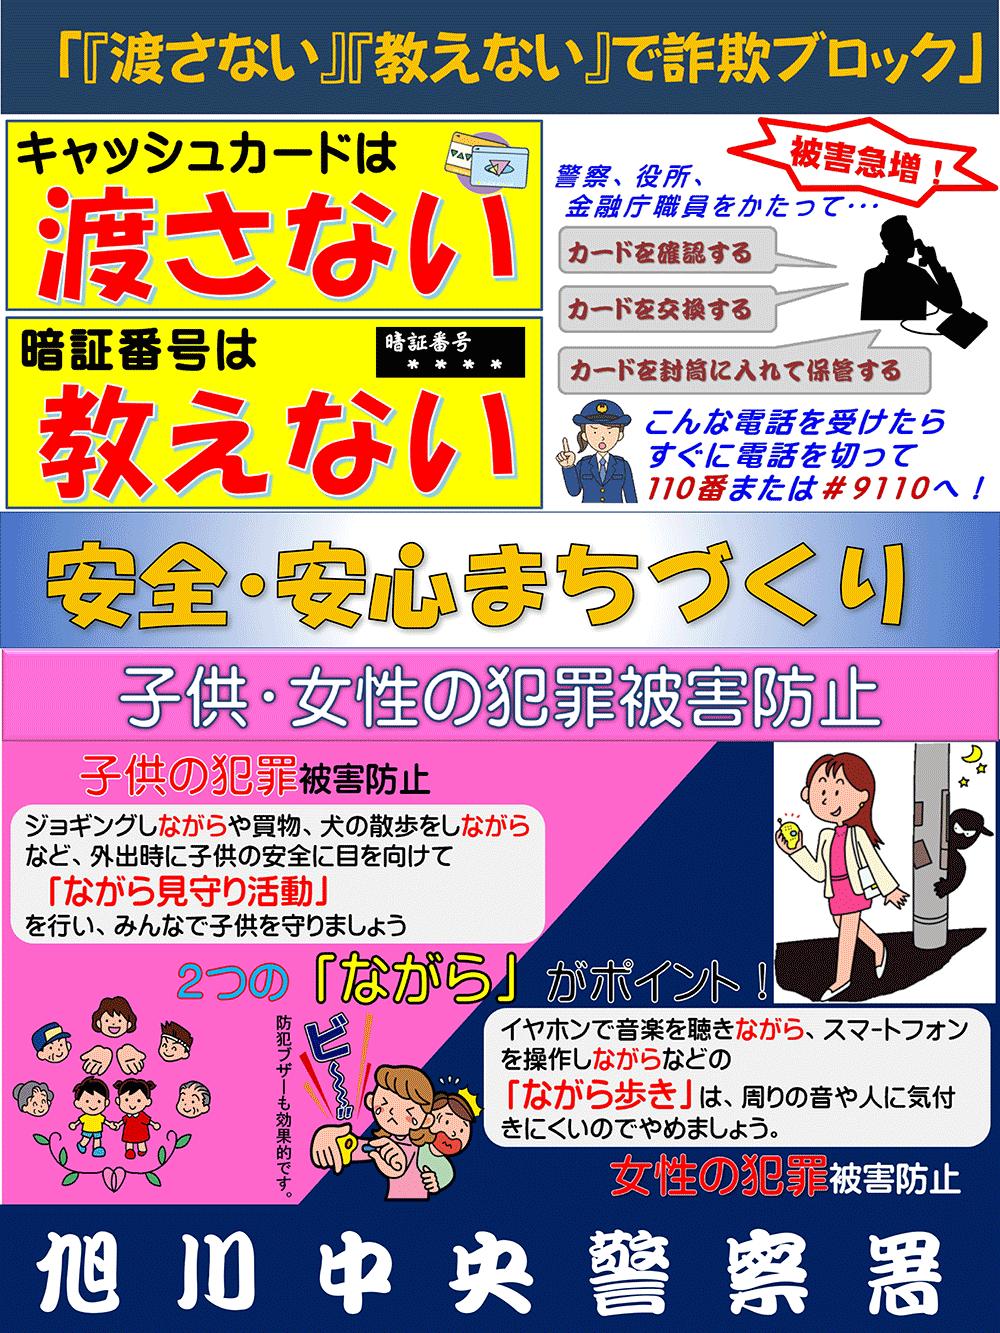 特殊詐欺防犯チラシ(表)_001